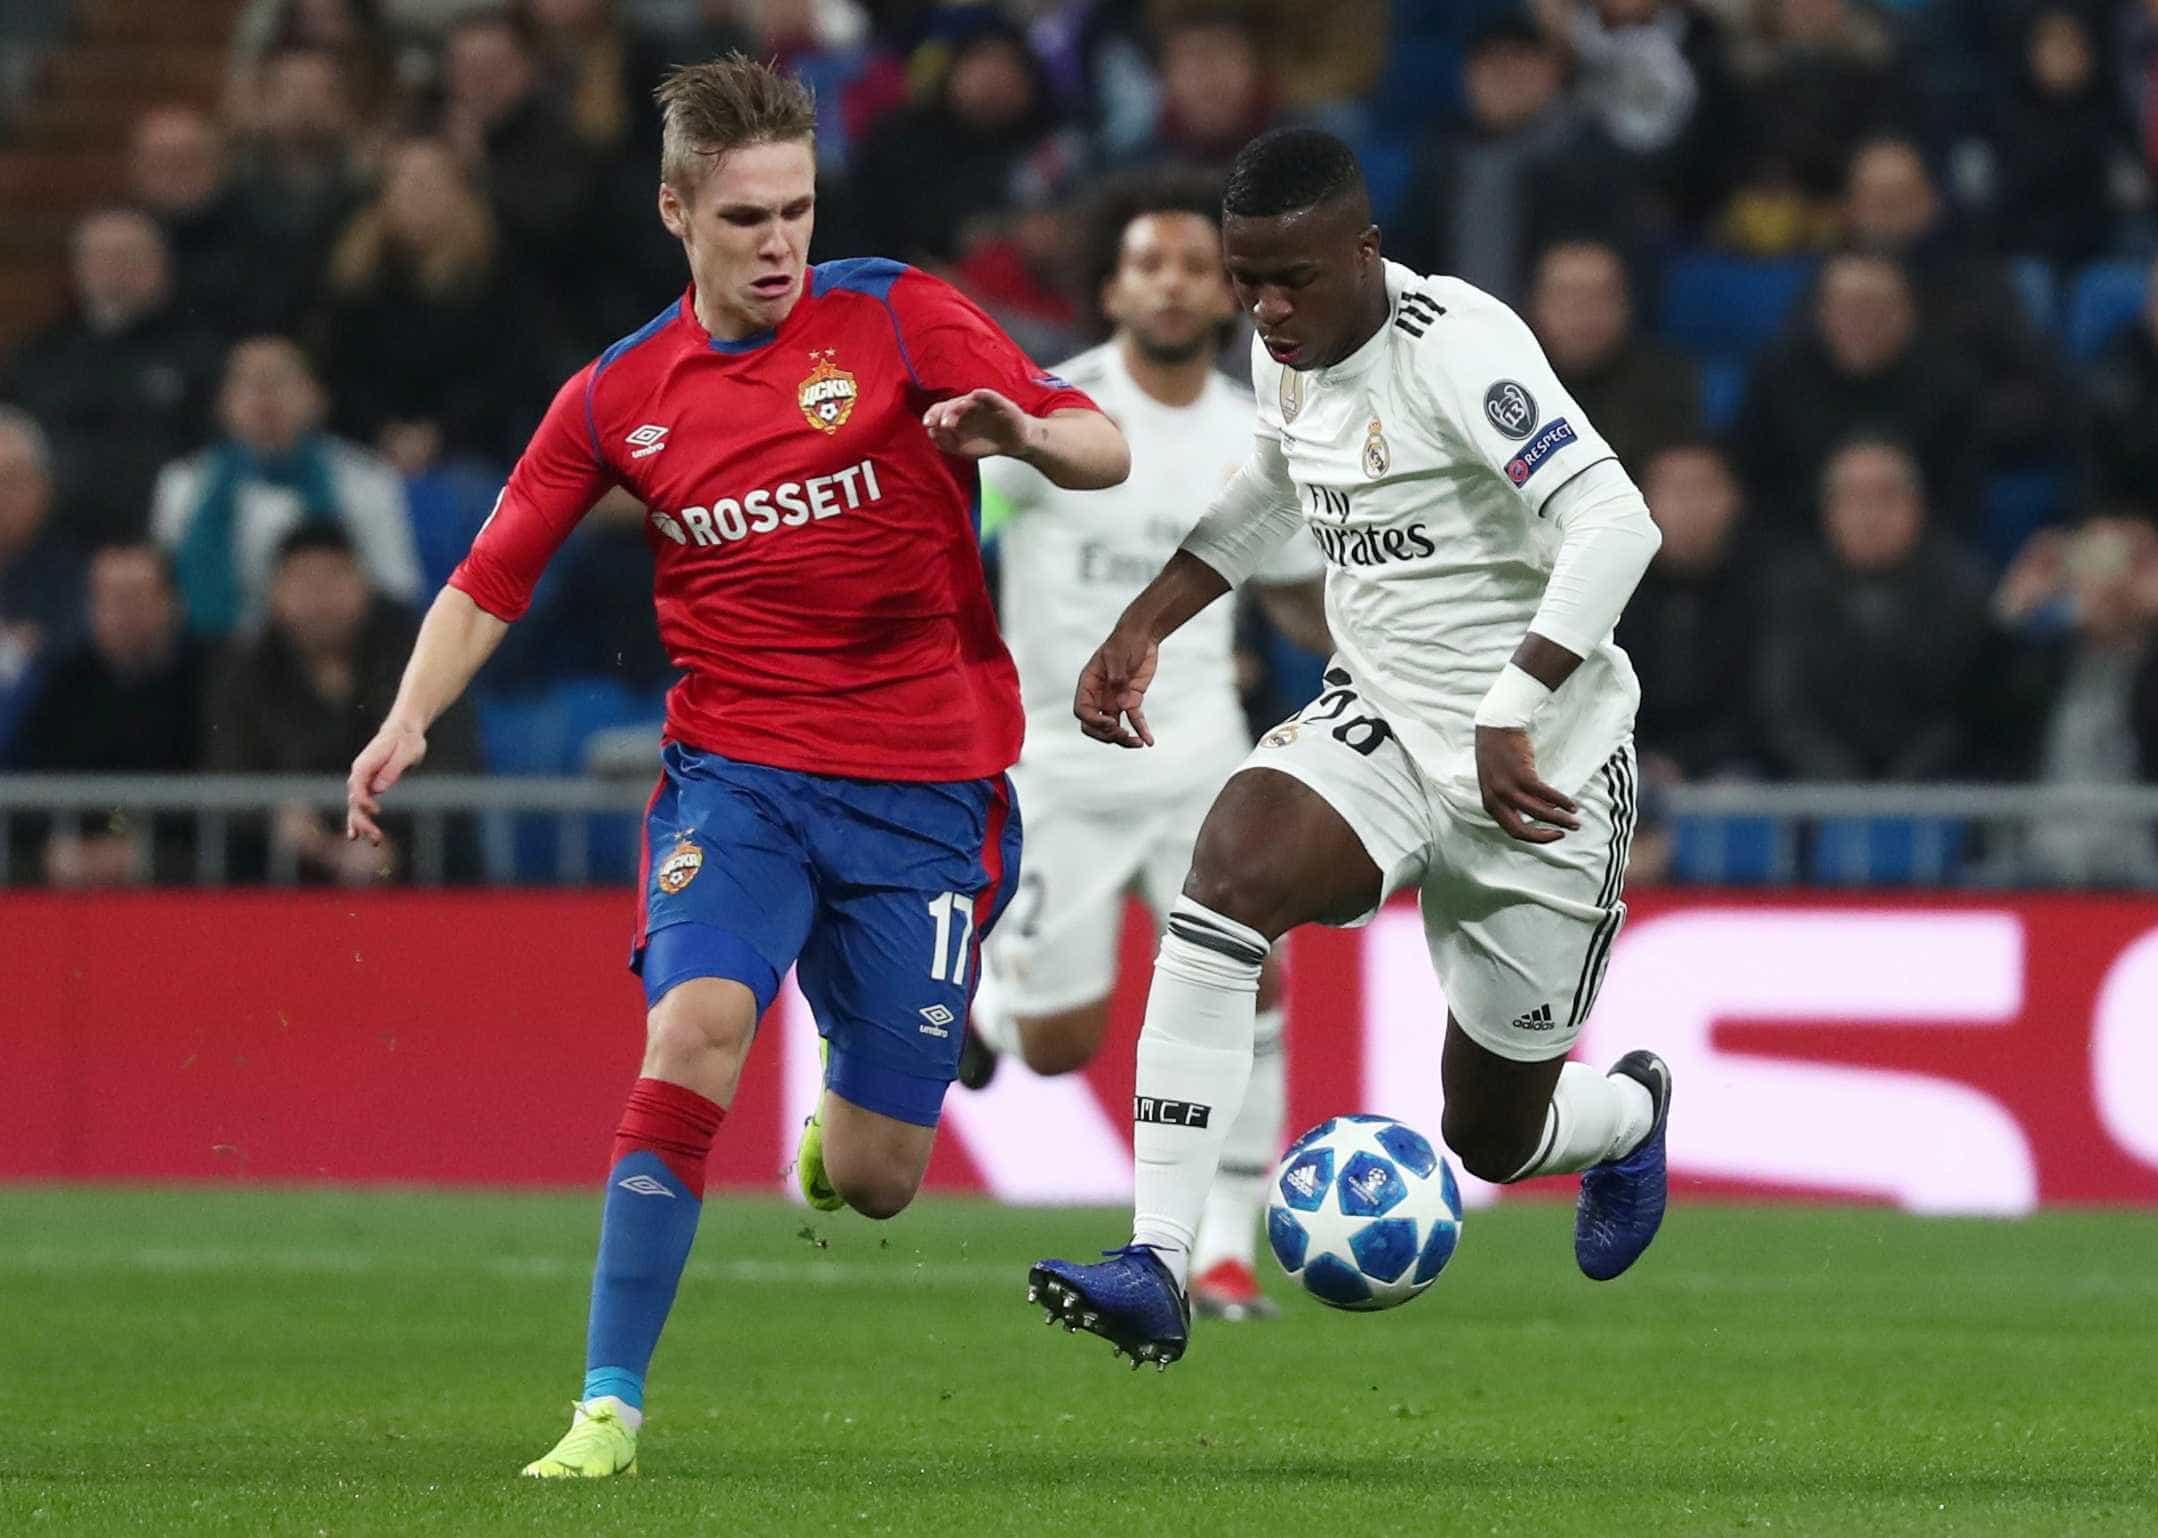 Real Madrid passa vergonha diante do CSKA no Santiago Bernabéu